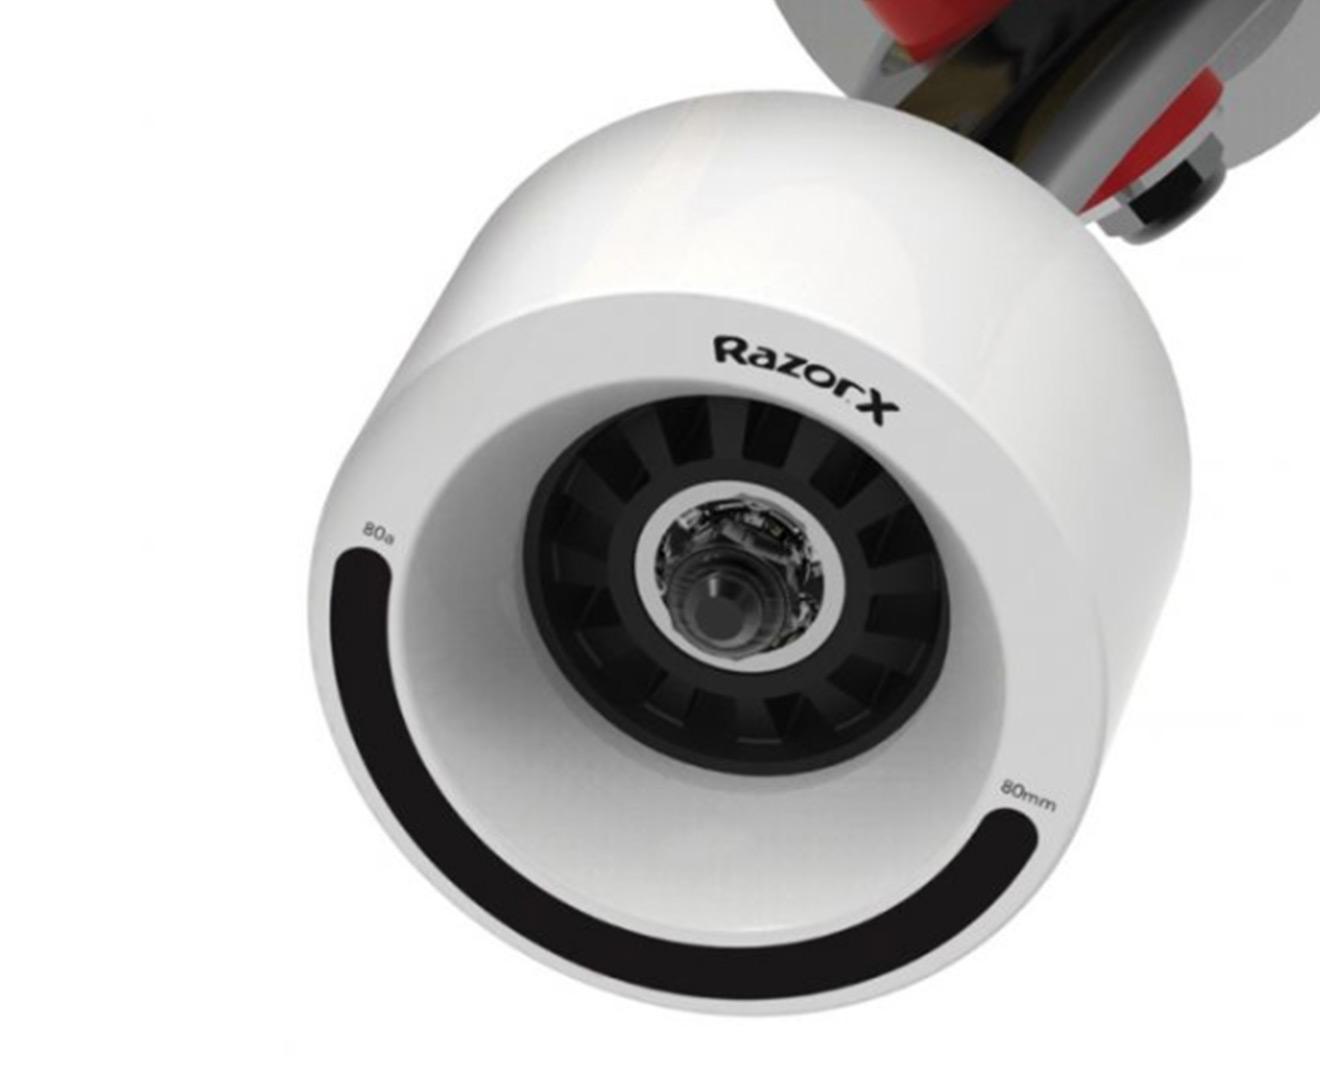 RAZOR X CRUISER Electric Skateboard with Wireless 2 4 GHz Remote - Black